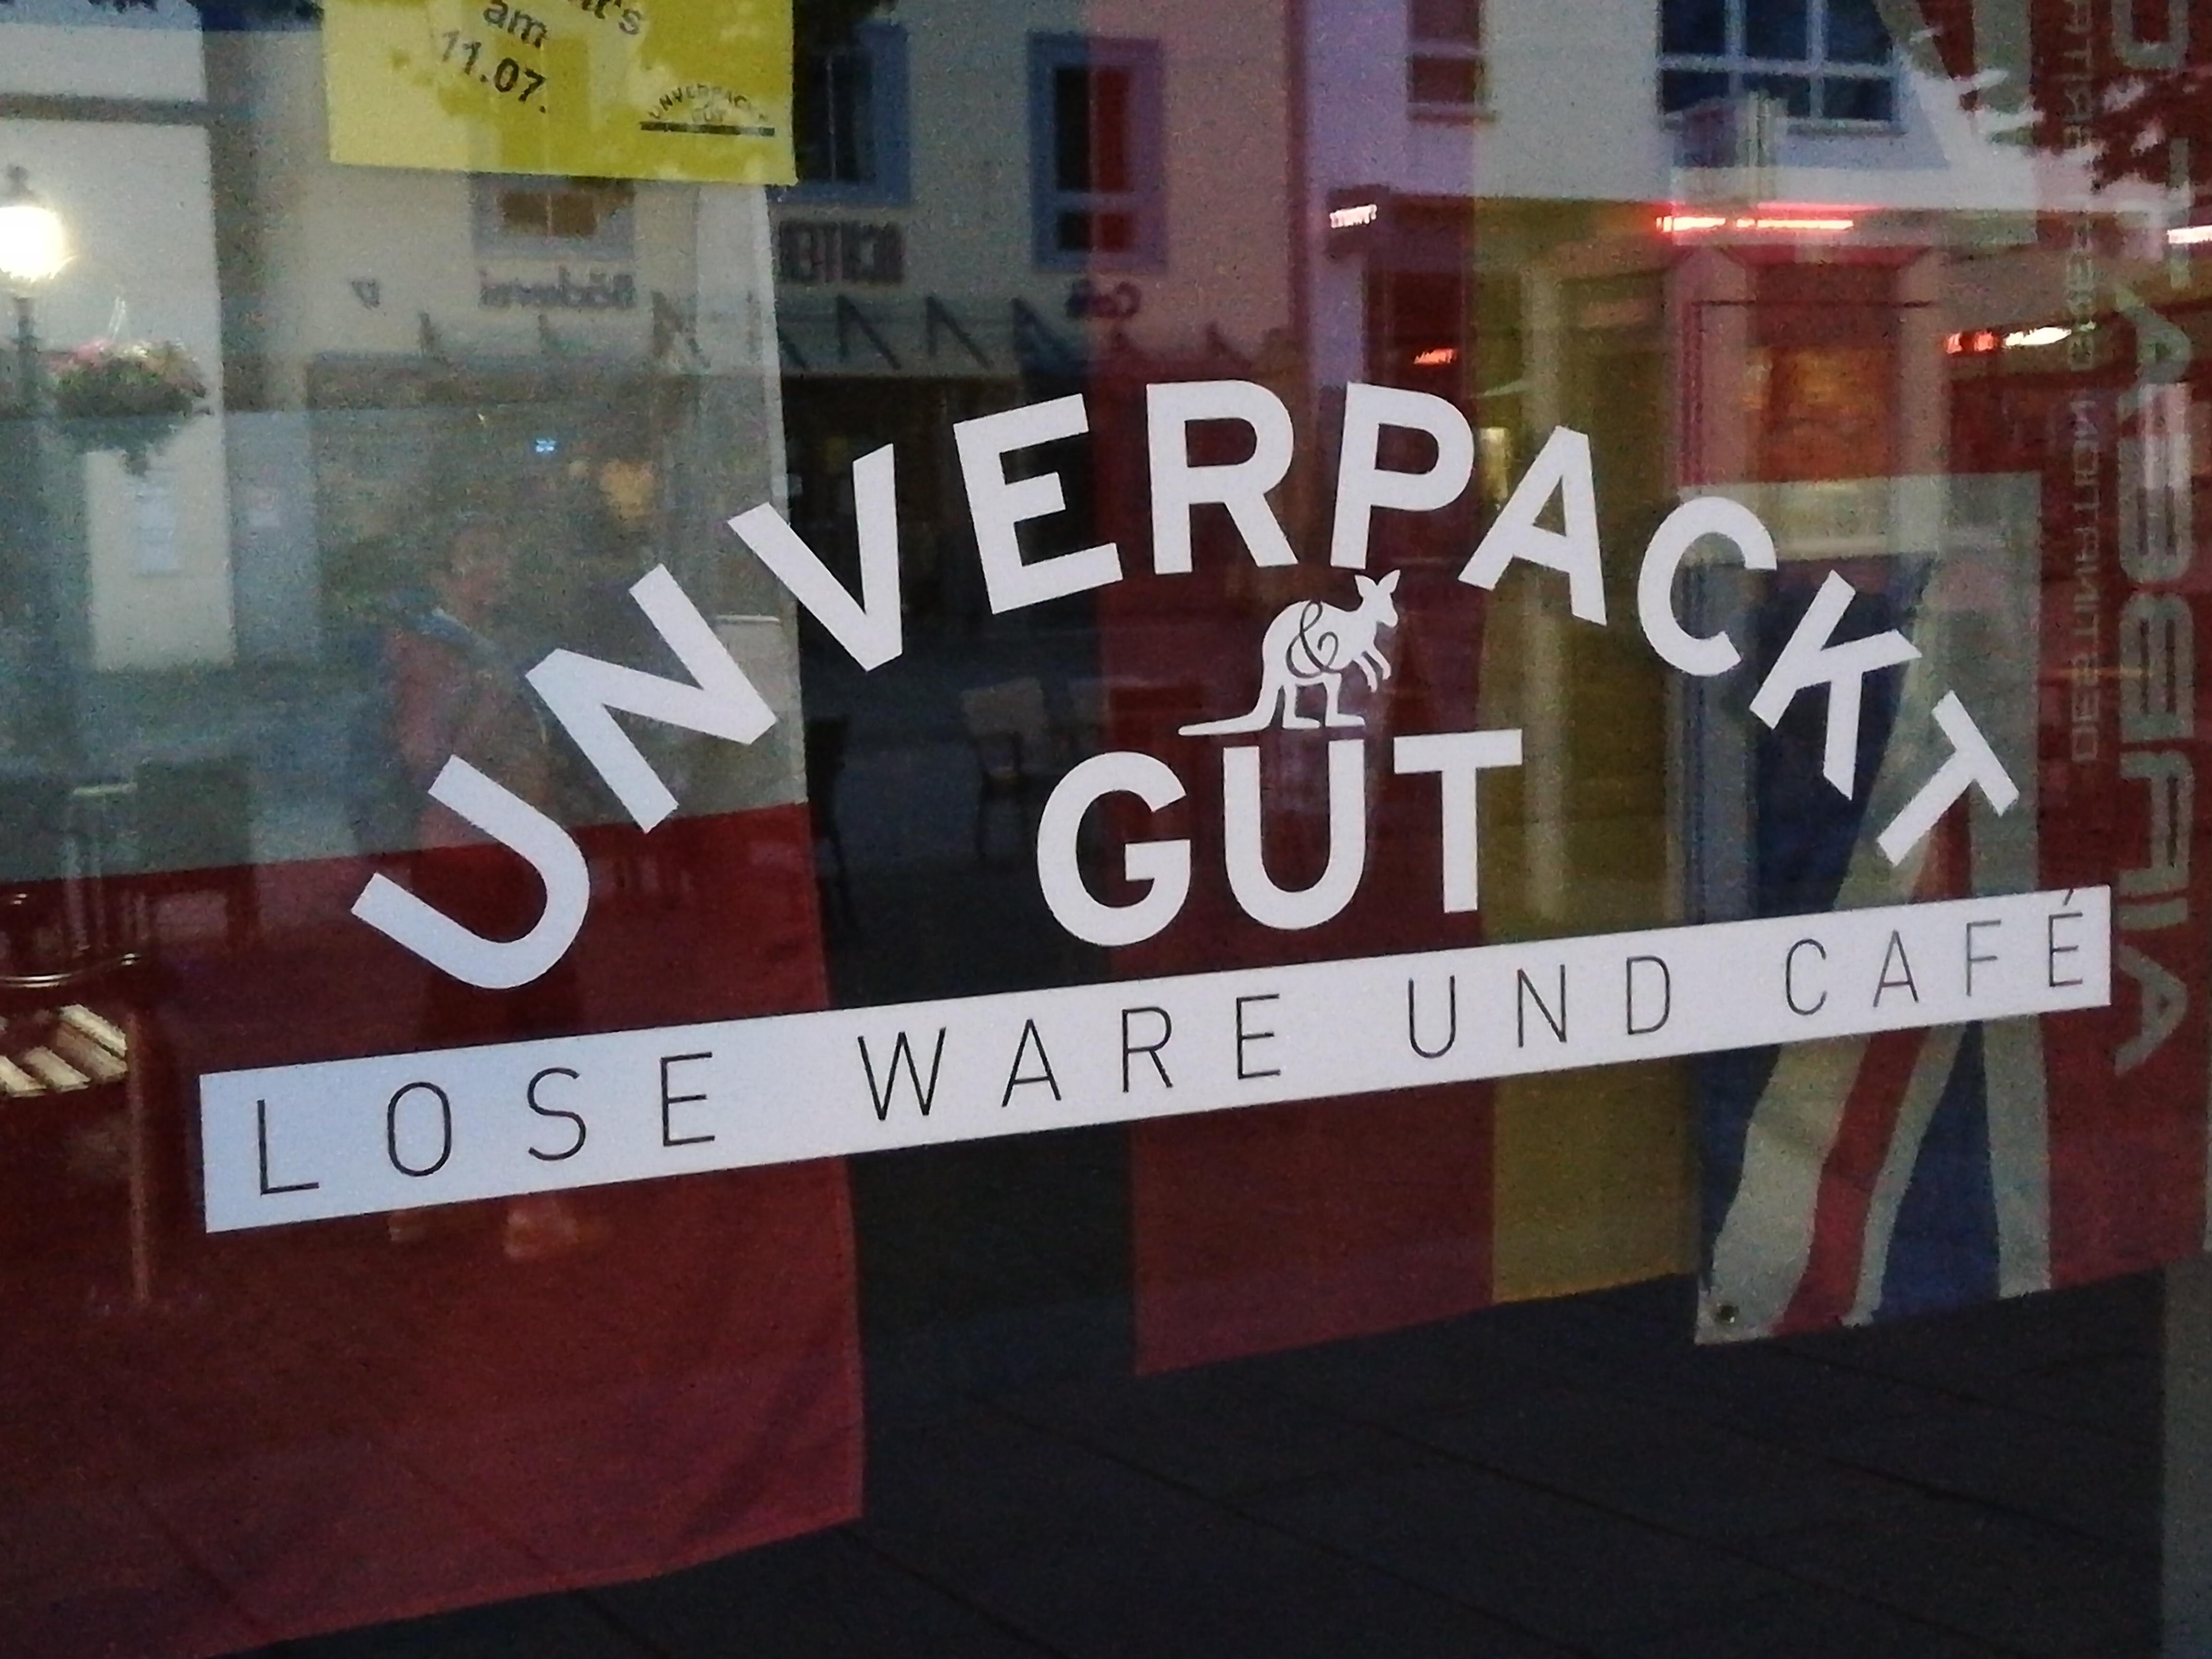 unverpackt-und-gut_logo